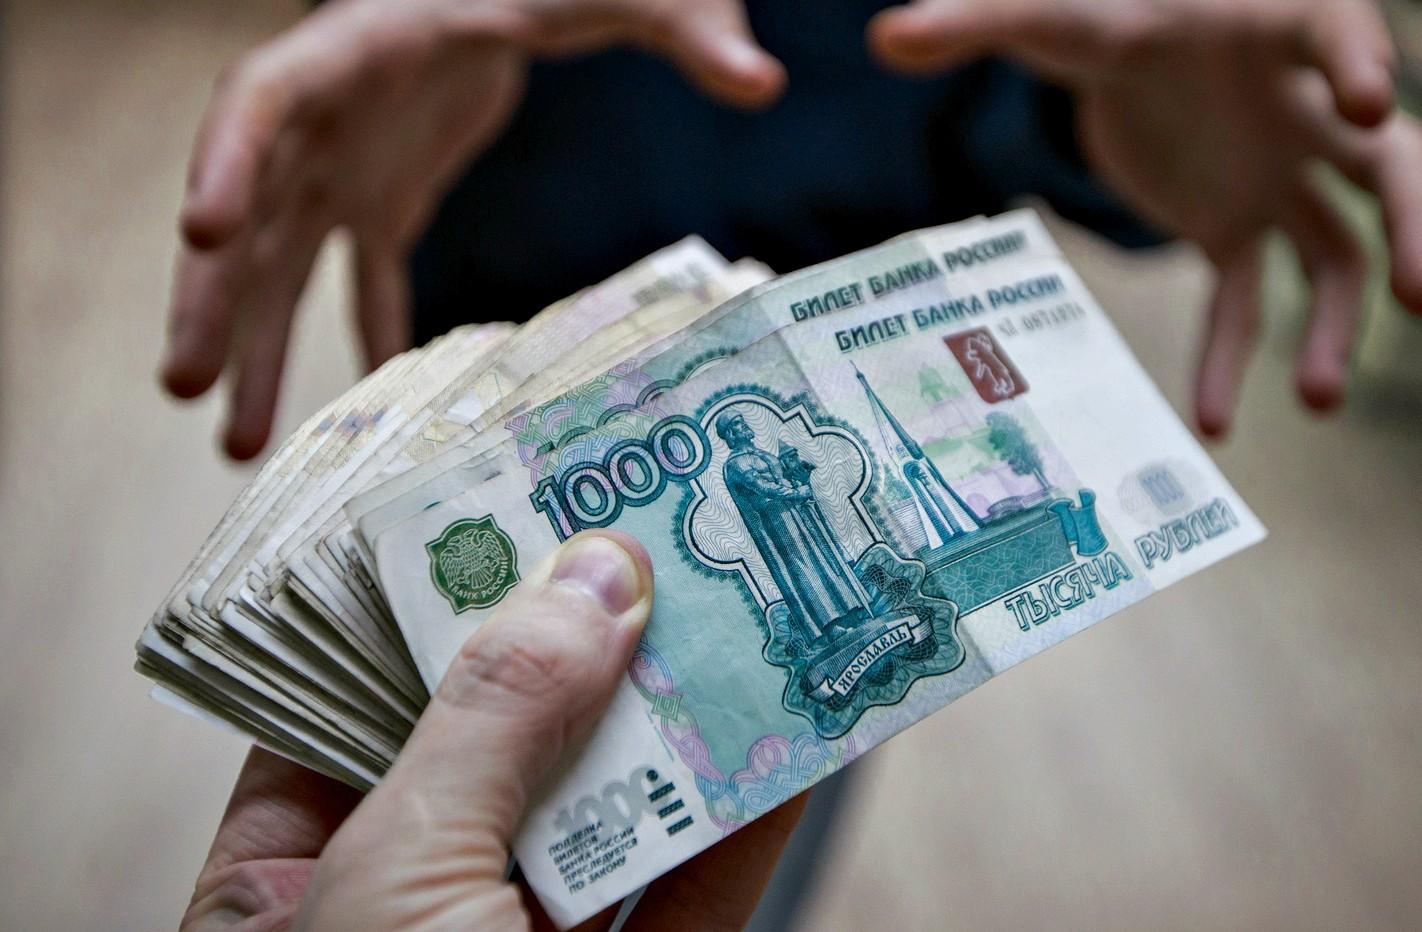 В Саках представитель местного предприятия пытался подкупить налоговика